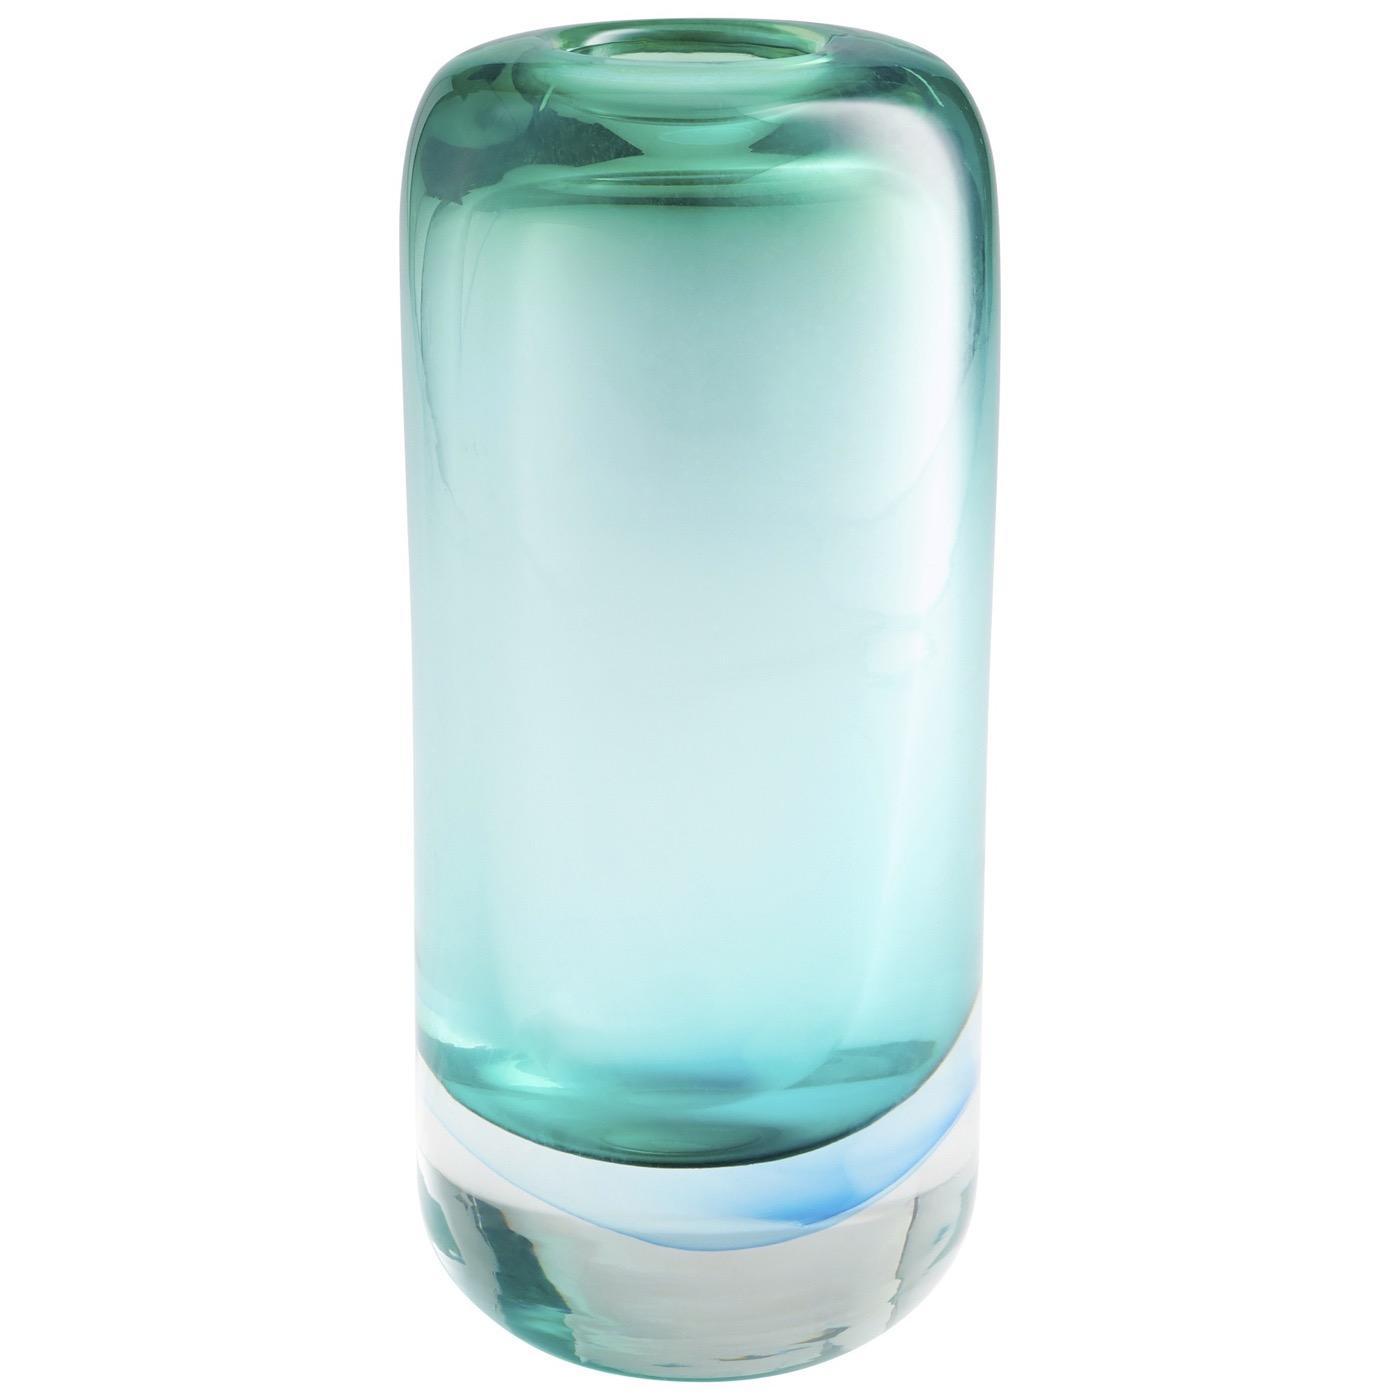 Trilby Glass Vases